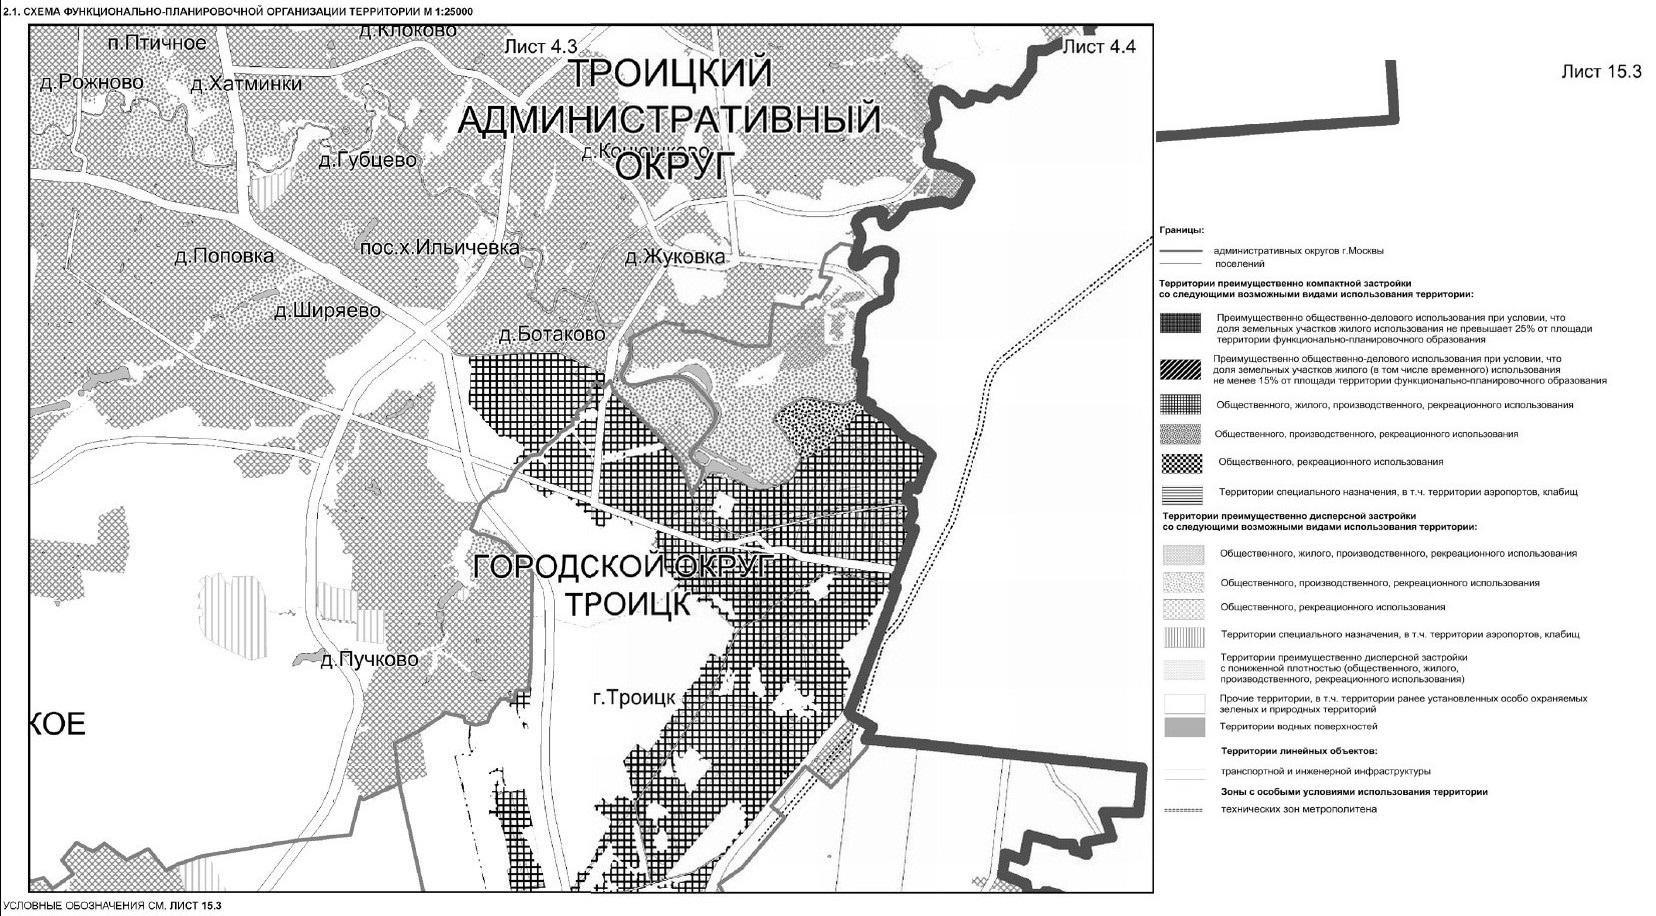 схема прохождения цкад в пушкинском районе